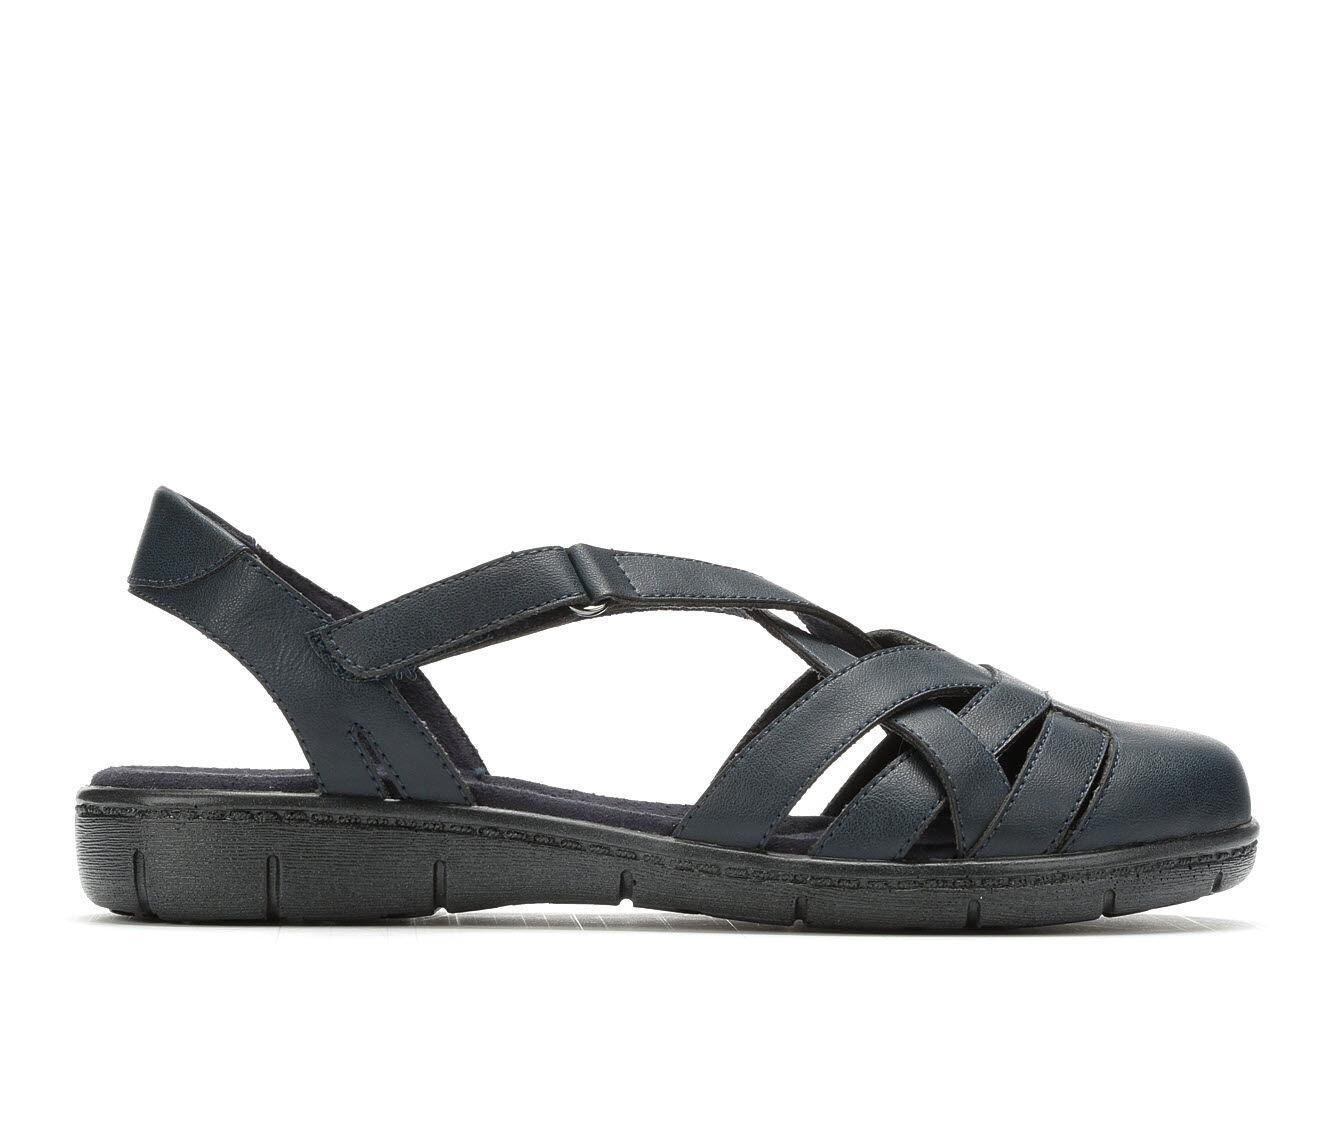 Women's Easy Street Garrett Closed Toe Sandals buy sale online h8xbnBs